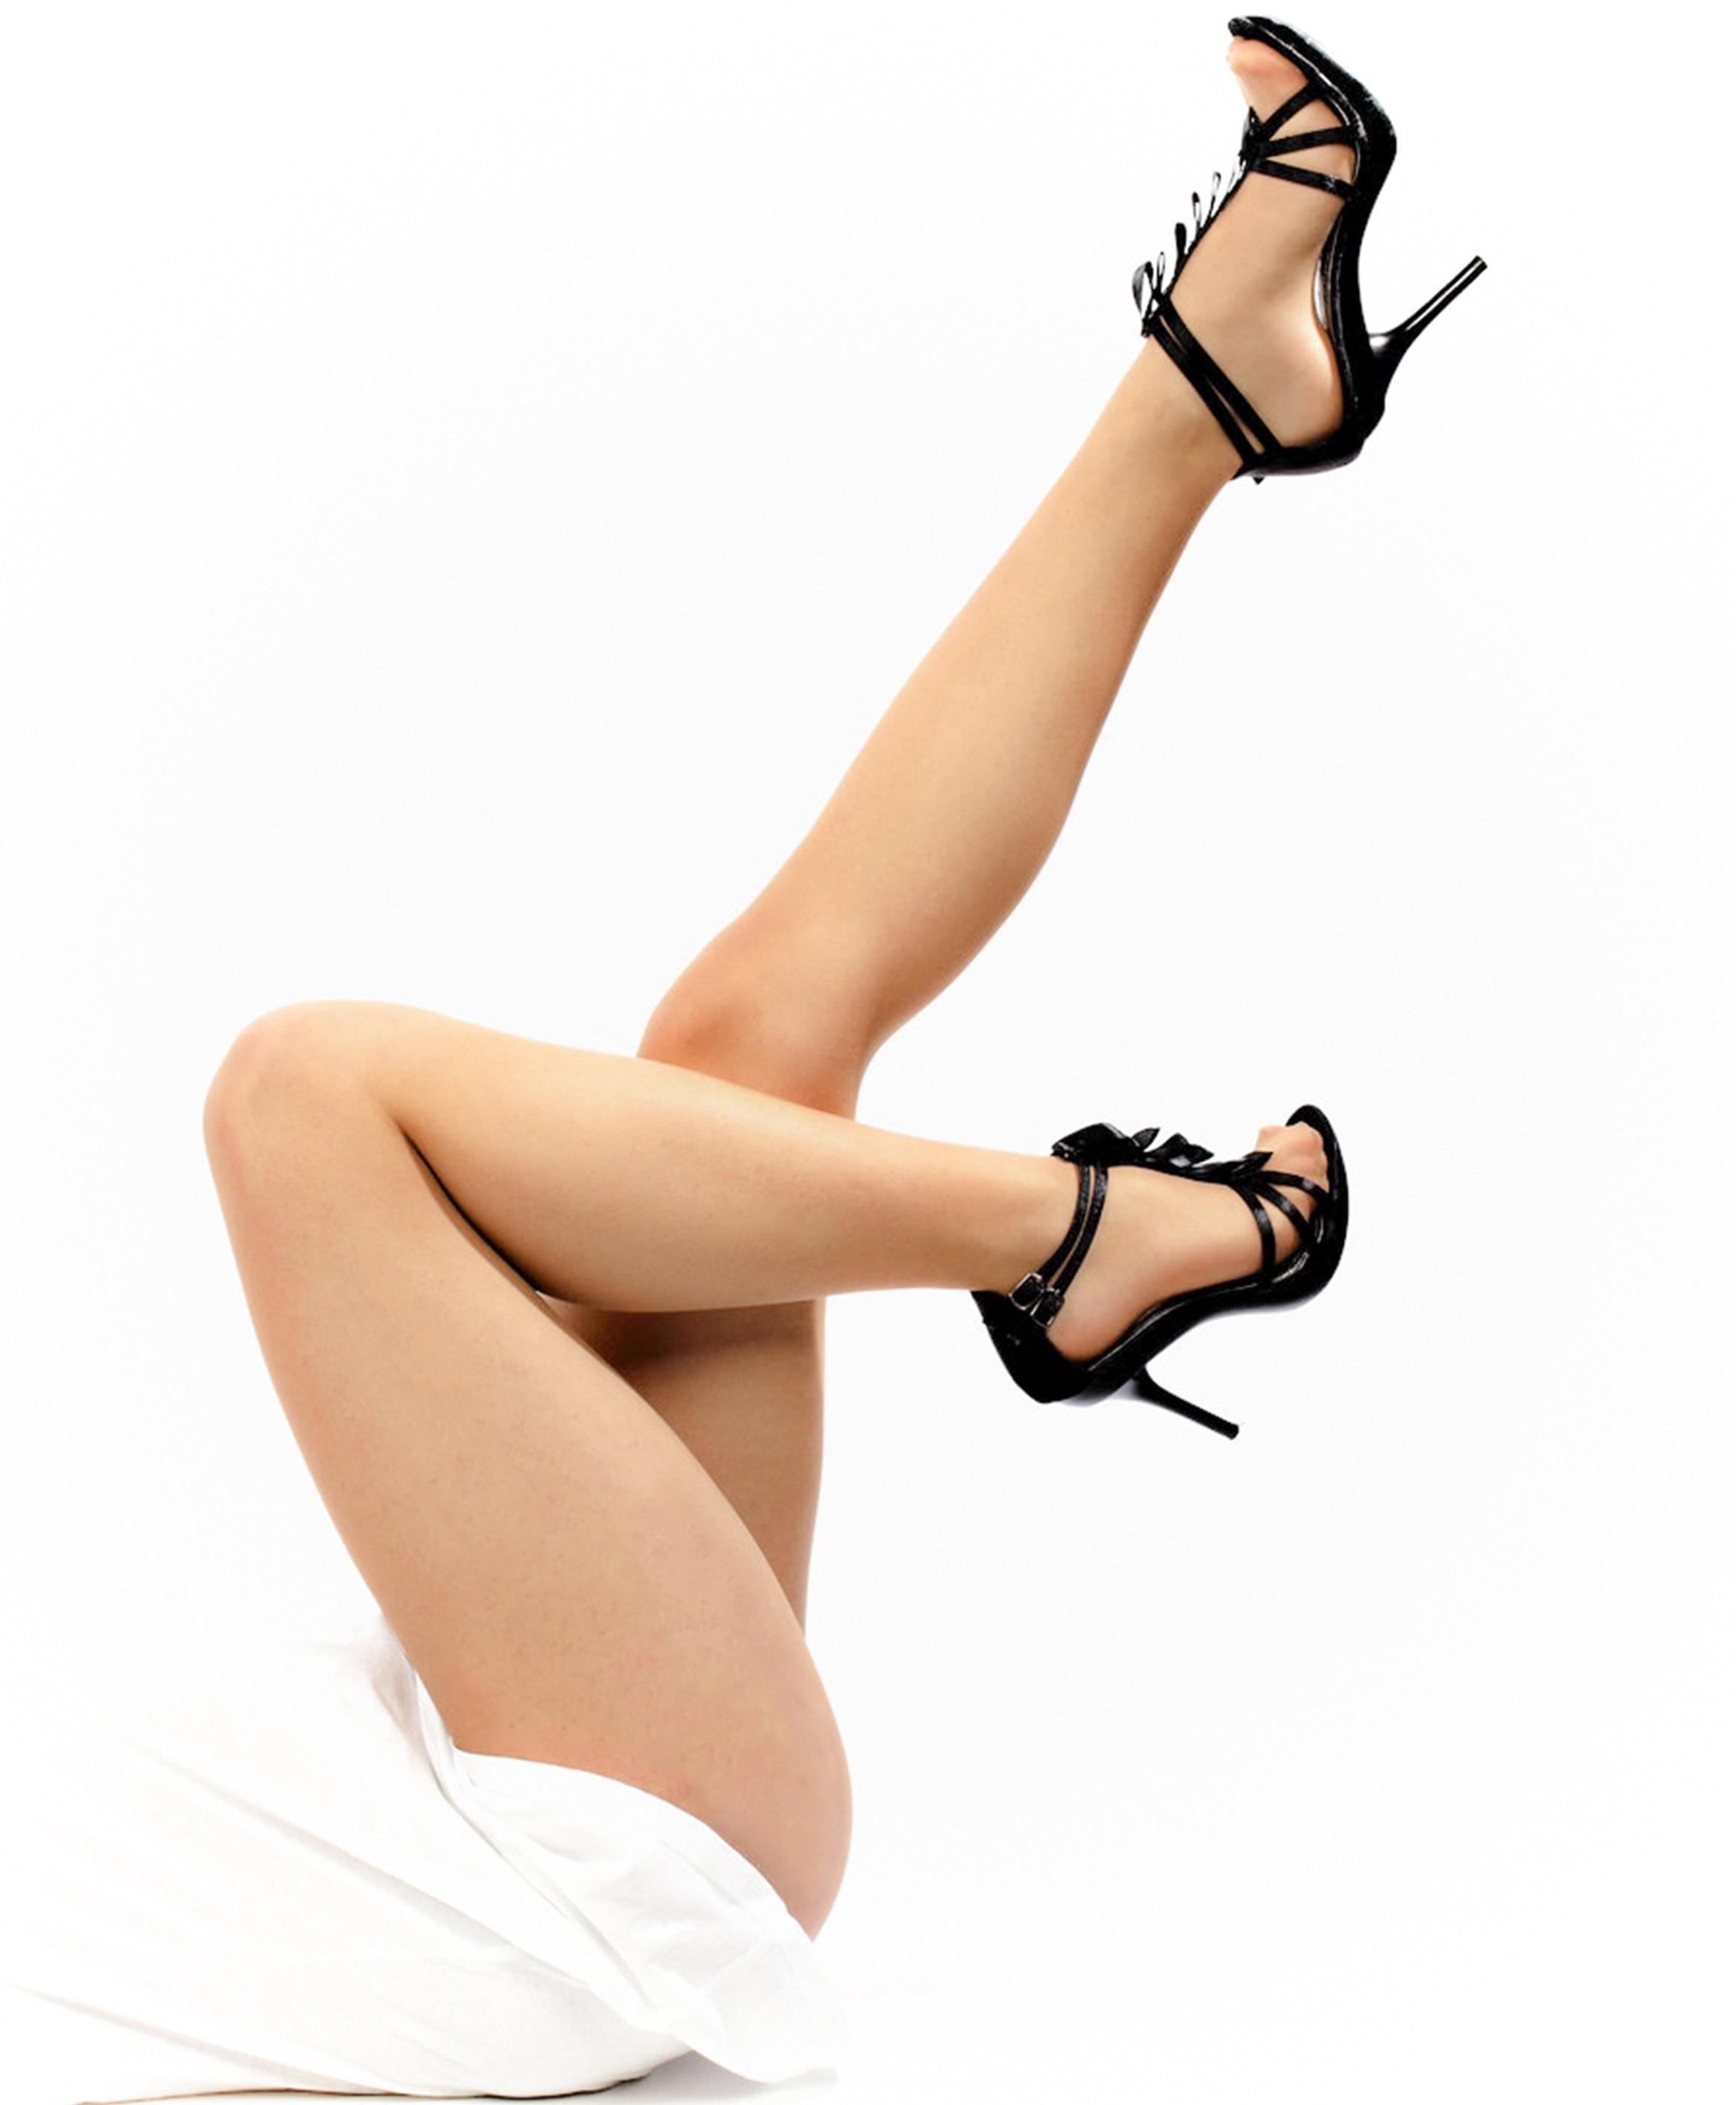 女性の美しい足の画像